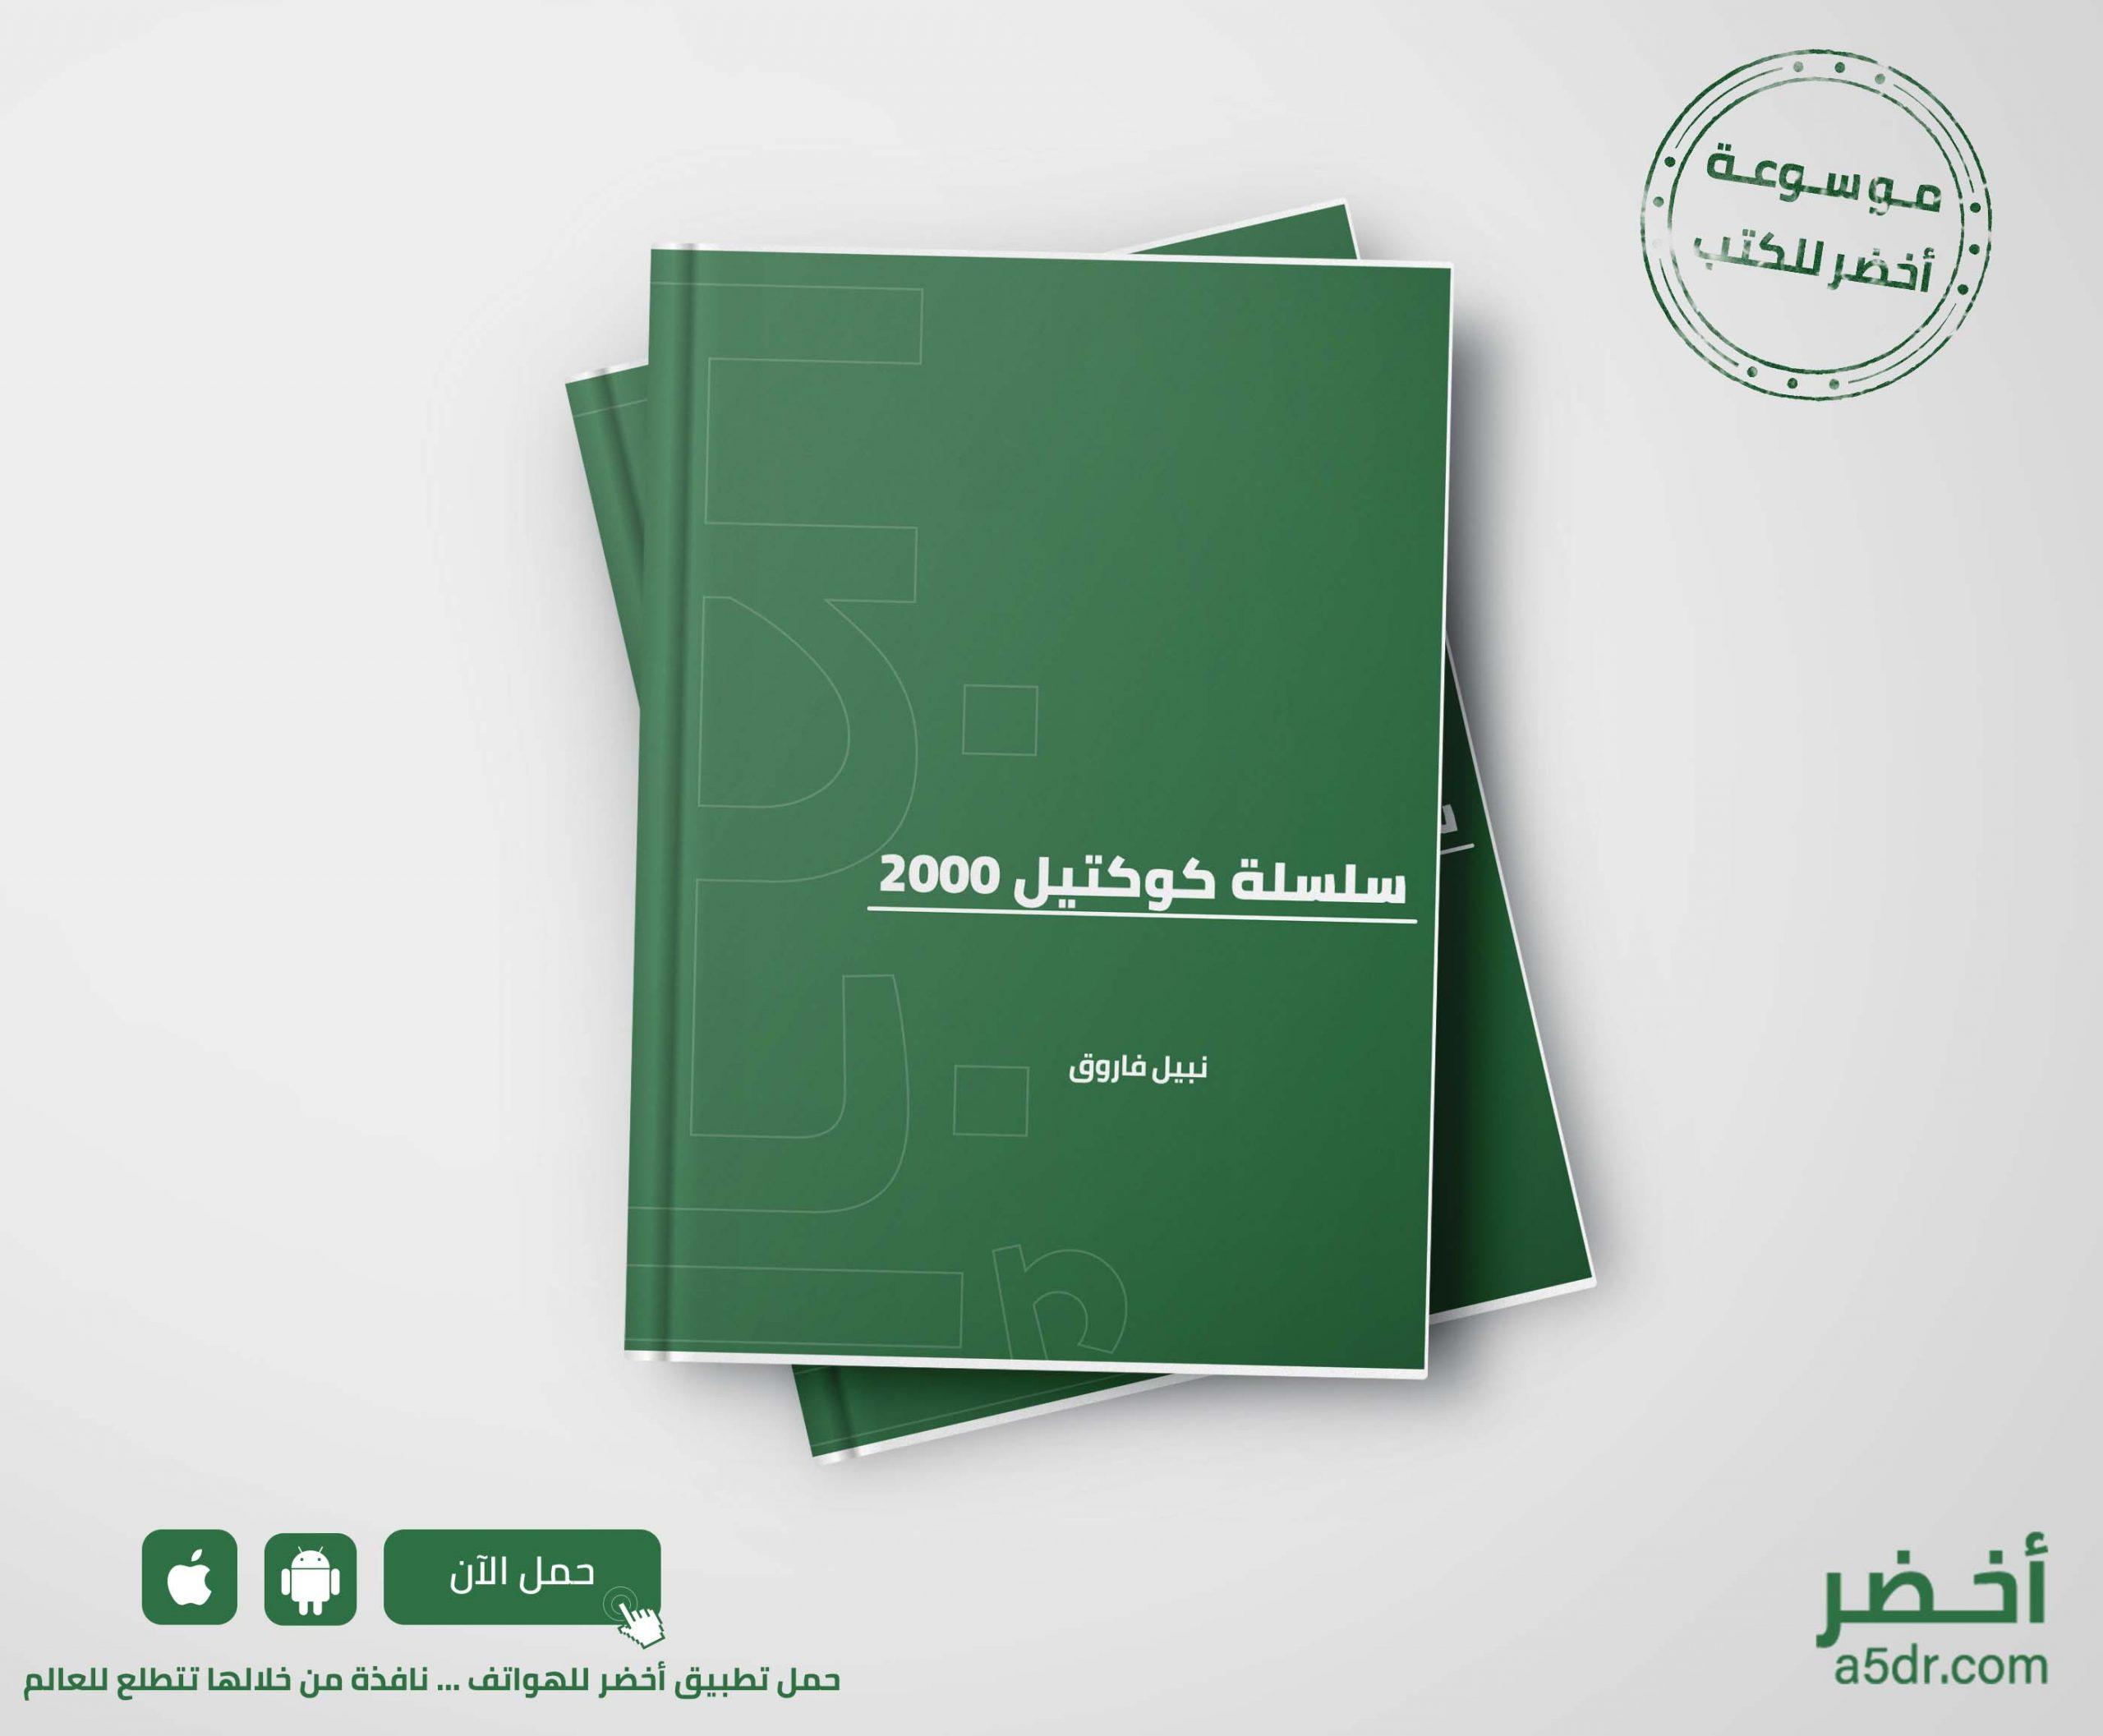 سلسلة كوكتيل 2000 - نبيل فاروق